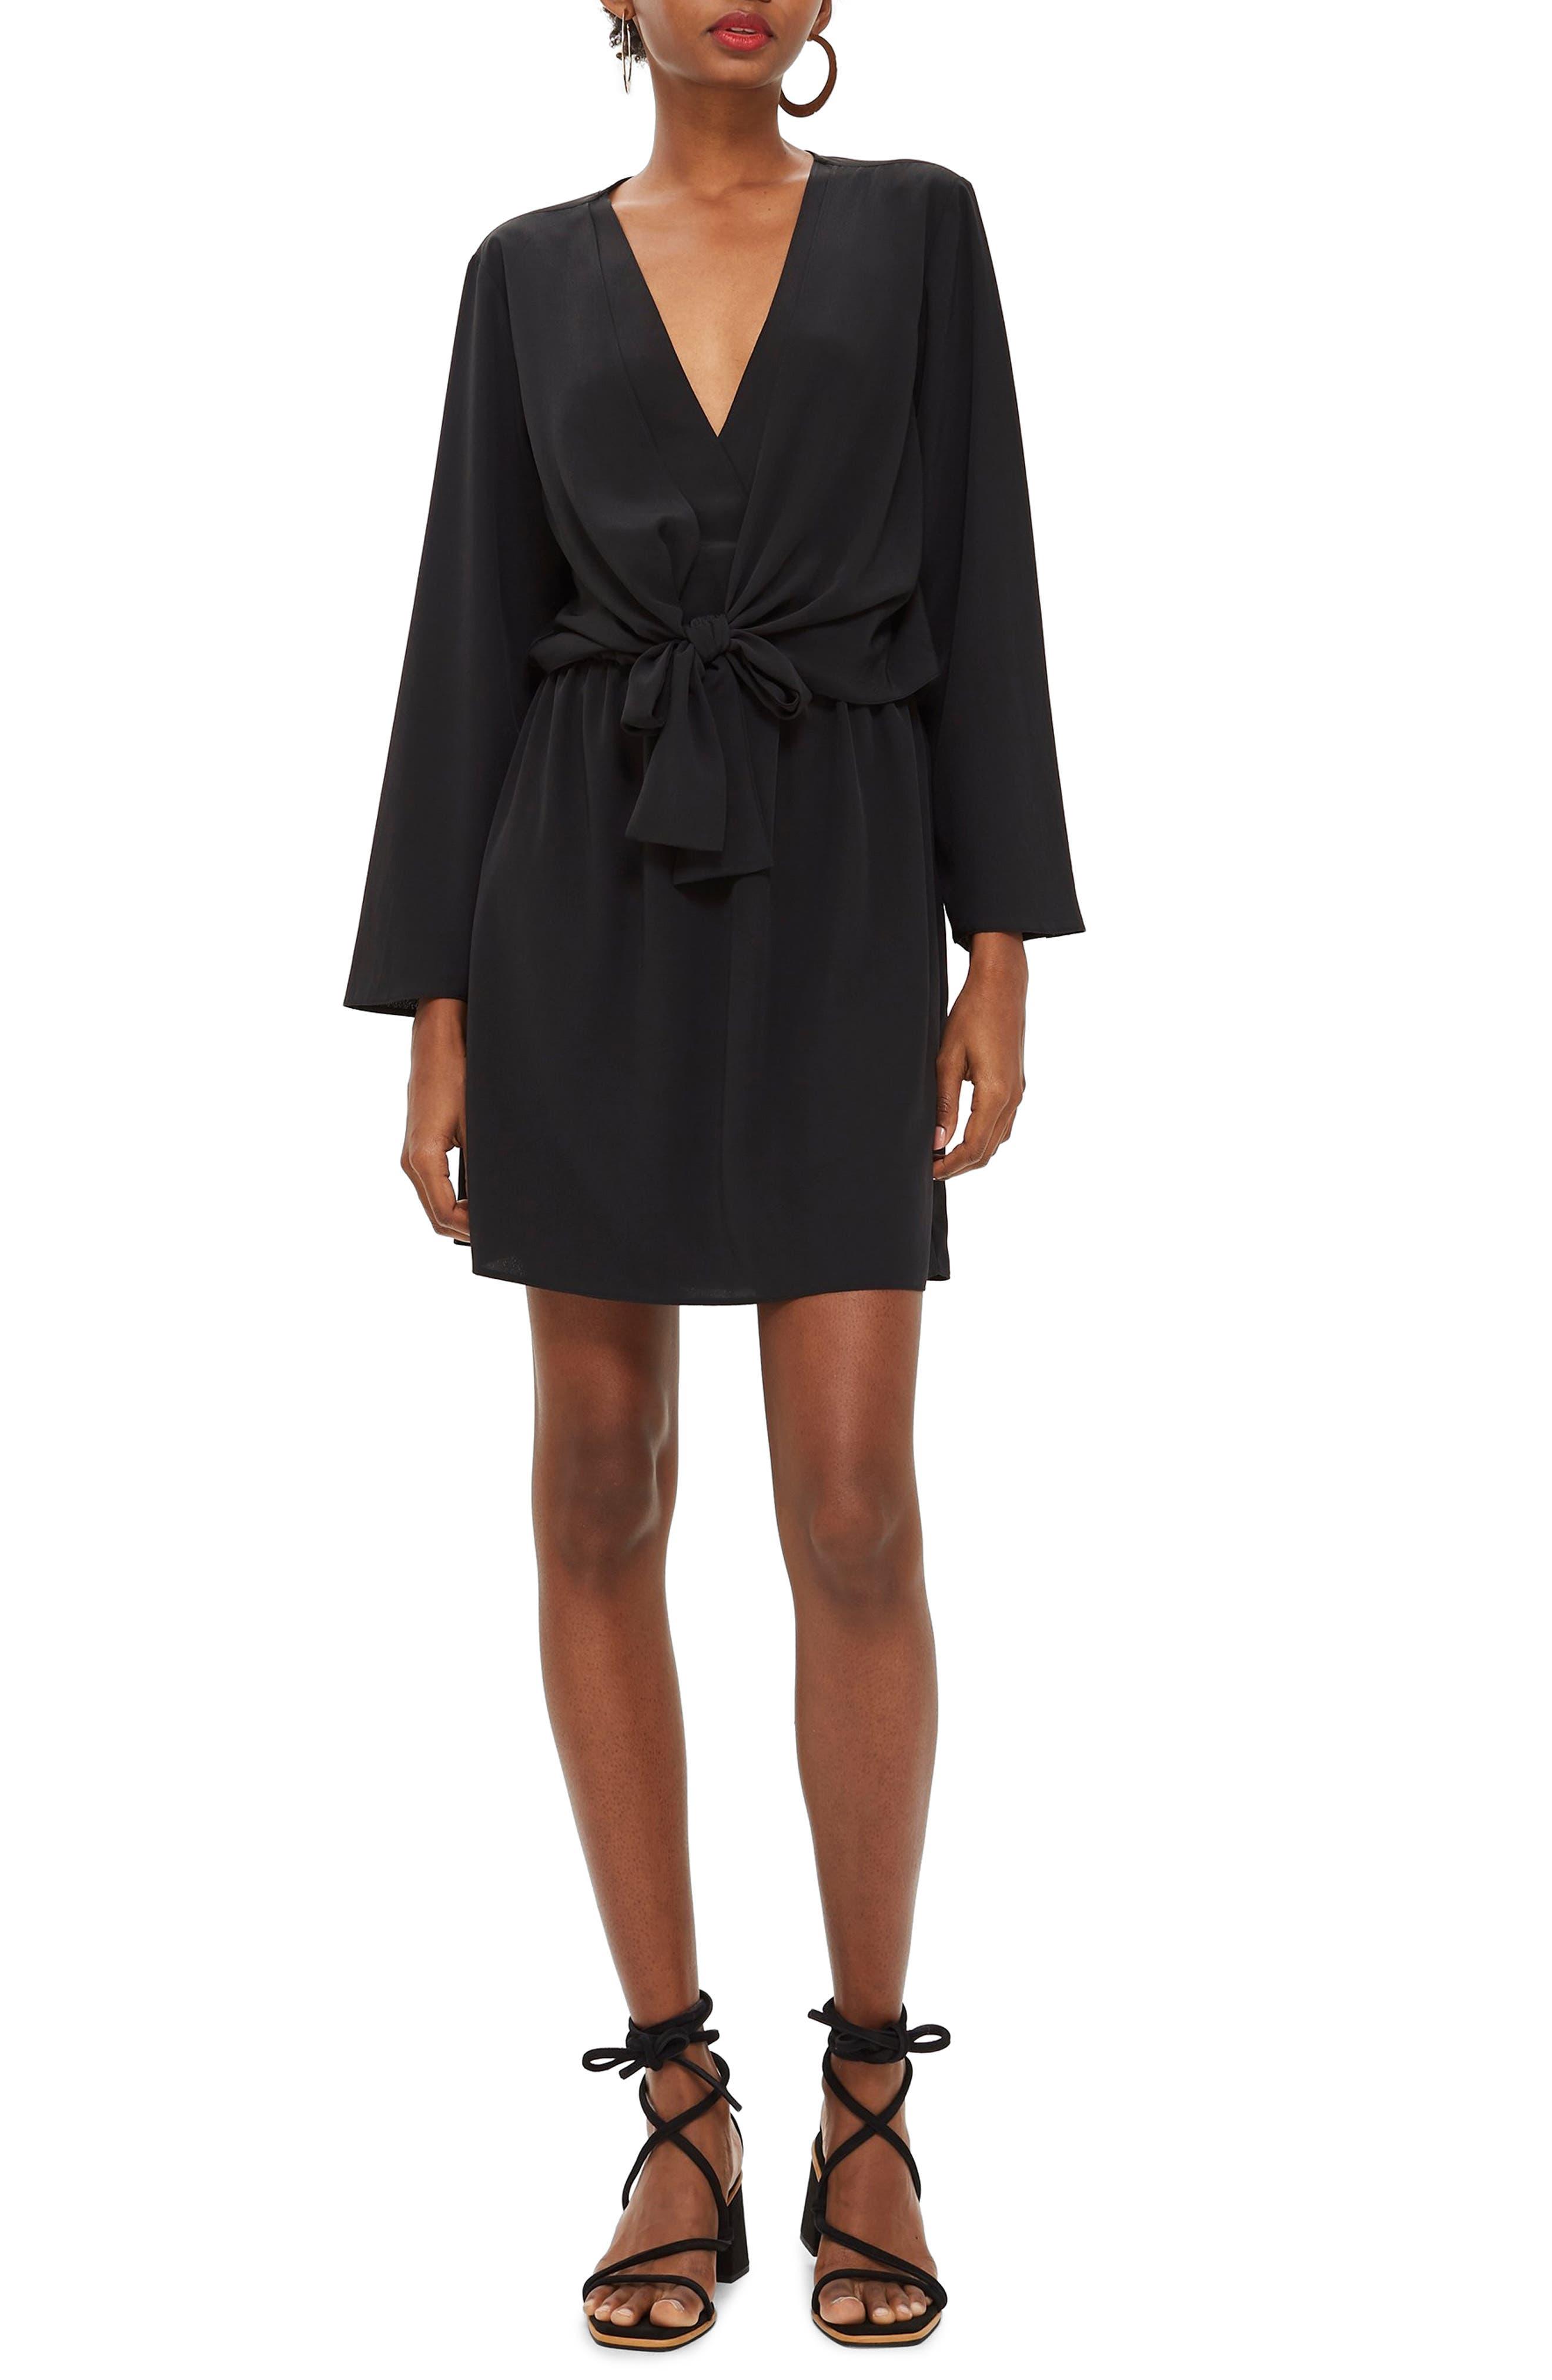 Topshop Tiffany Knot Minidress, US (fits like 2-4) - Black